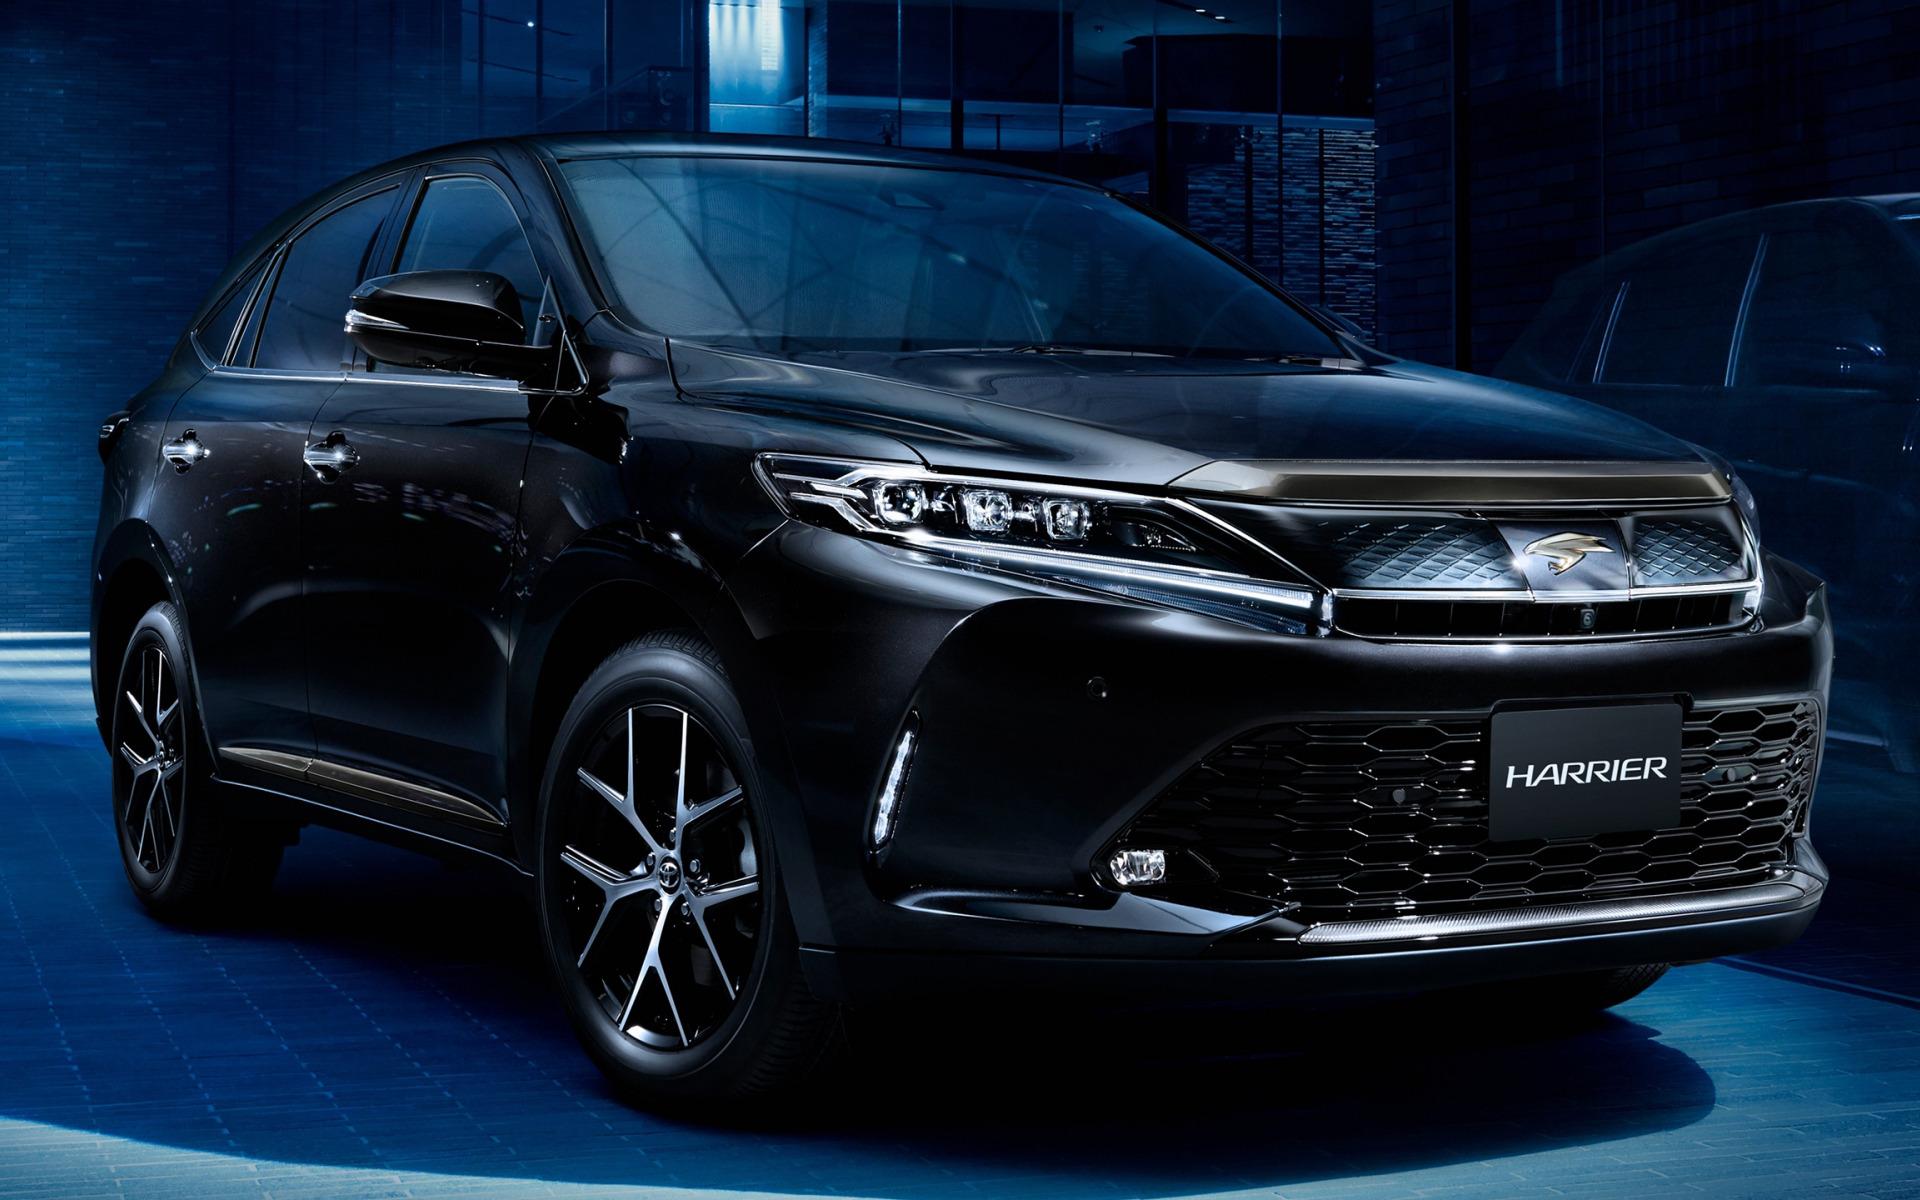 Тойота Харриер 2020 фото цена и технические характеристики кроссовера от Toyota 4-го поколения